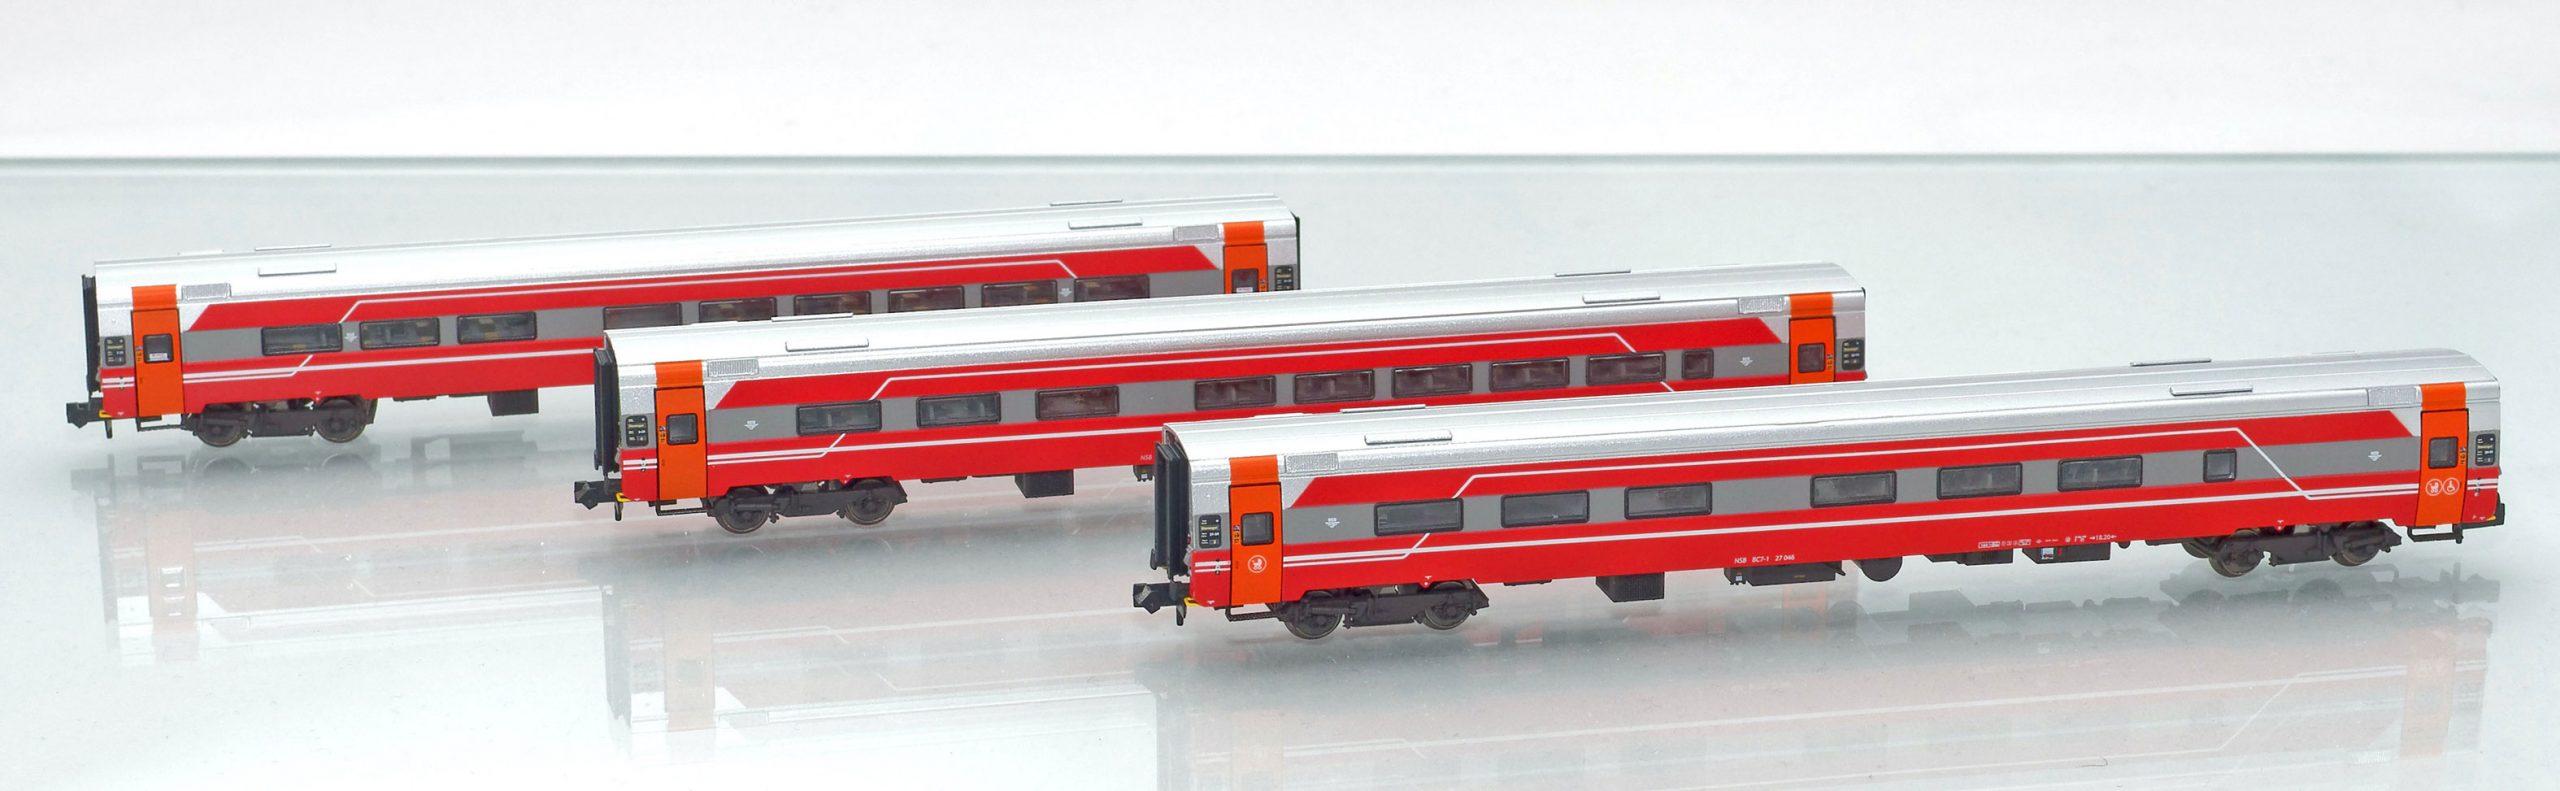 Set 188691: NSB Expresszugwagen B7-6,A7-1 und BC7-1